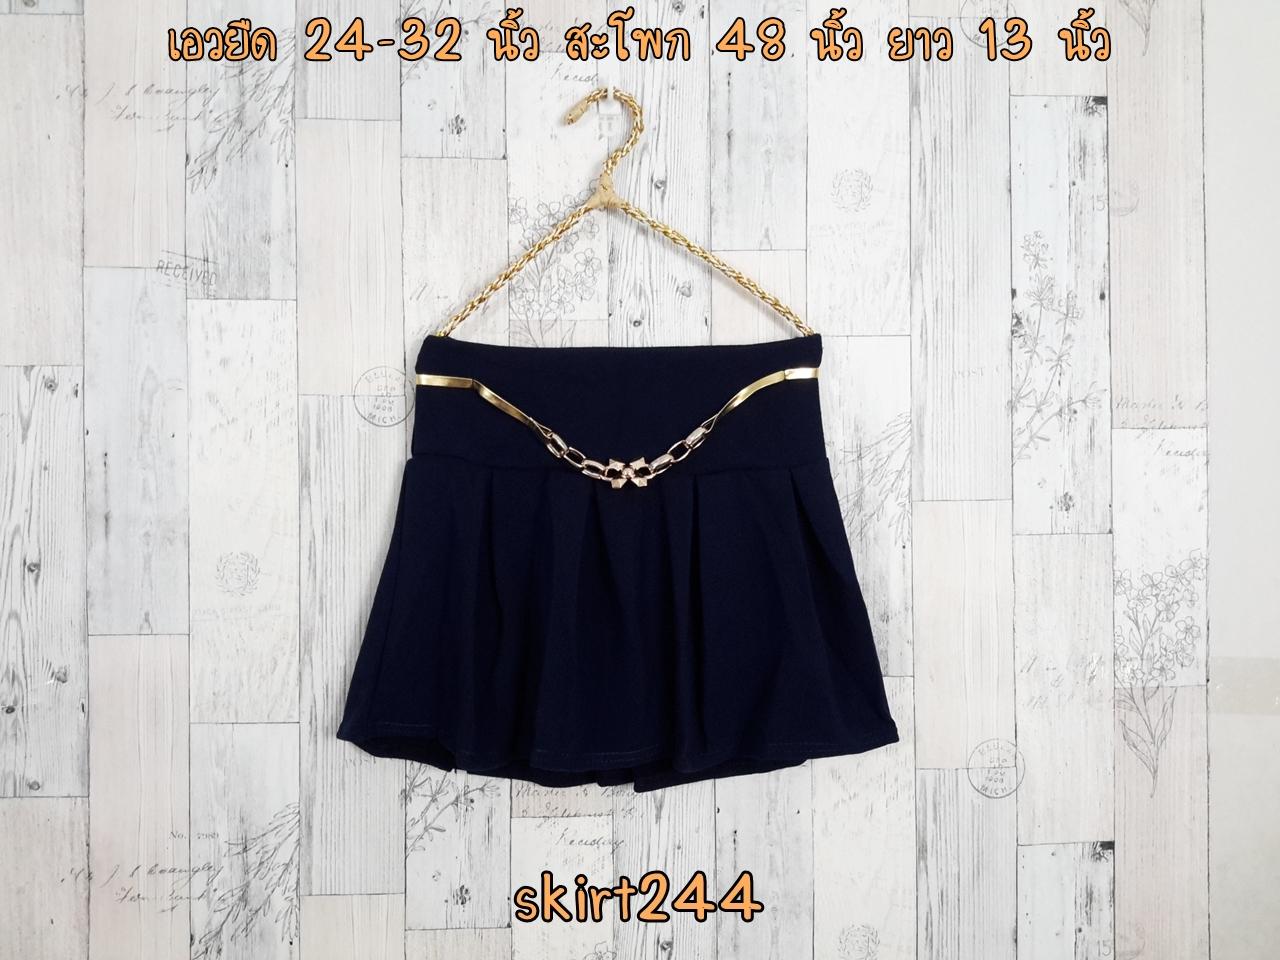 Skirt244 กระโปรงเอวสม็อคยางยืด แต่งหัวเข็มขัด ผ้าหนาเนื้อดีมีน้ำหนักทิ้งตัวไม่ยับง่าย มีซับในกางเกง สีพื้นกรมท่า